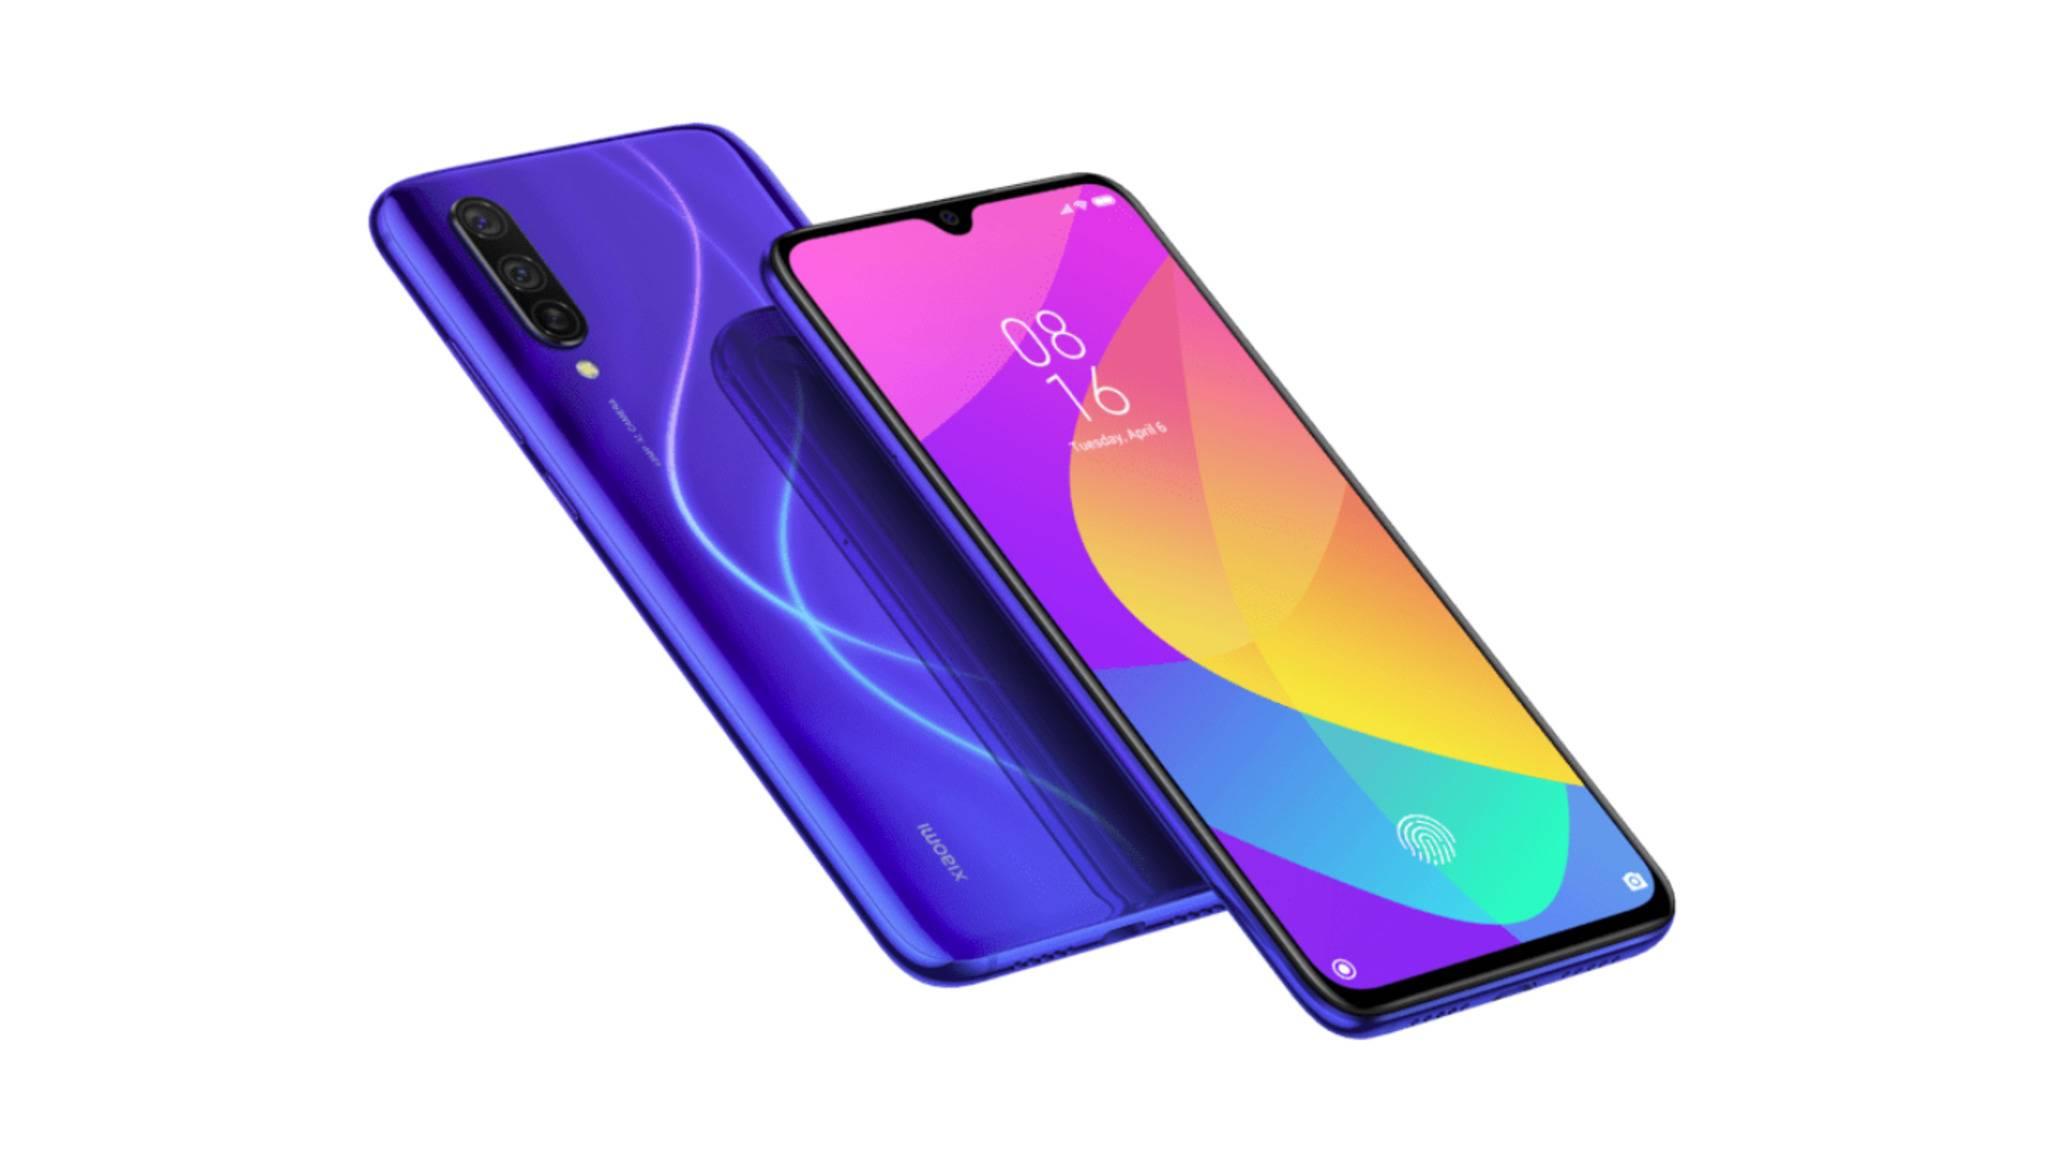 Xiaomi-mi-9-lite-smartphone